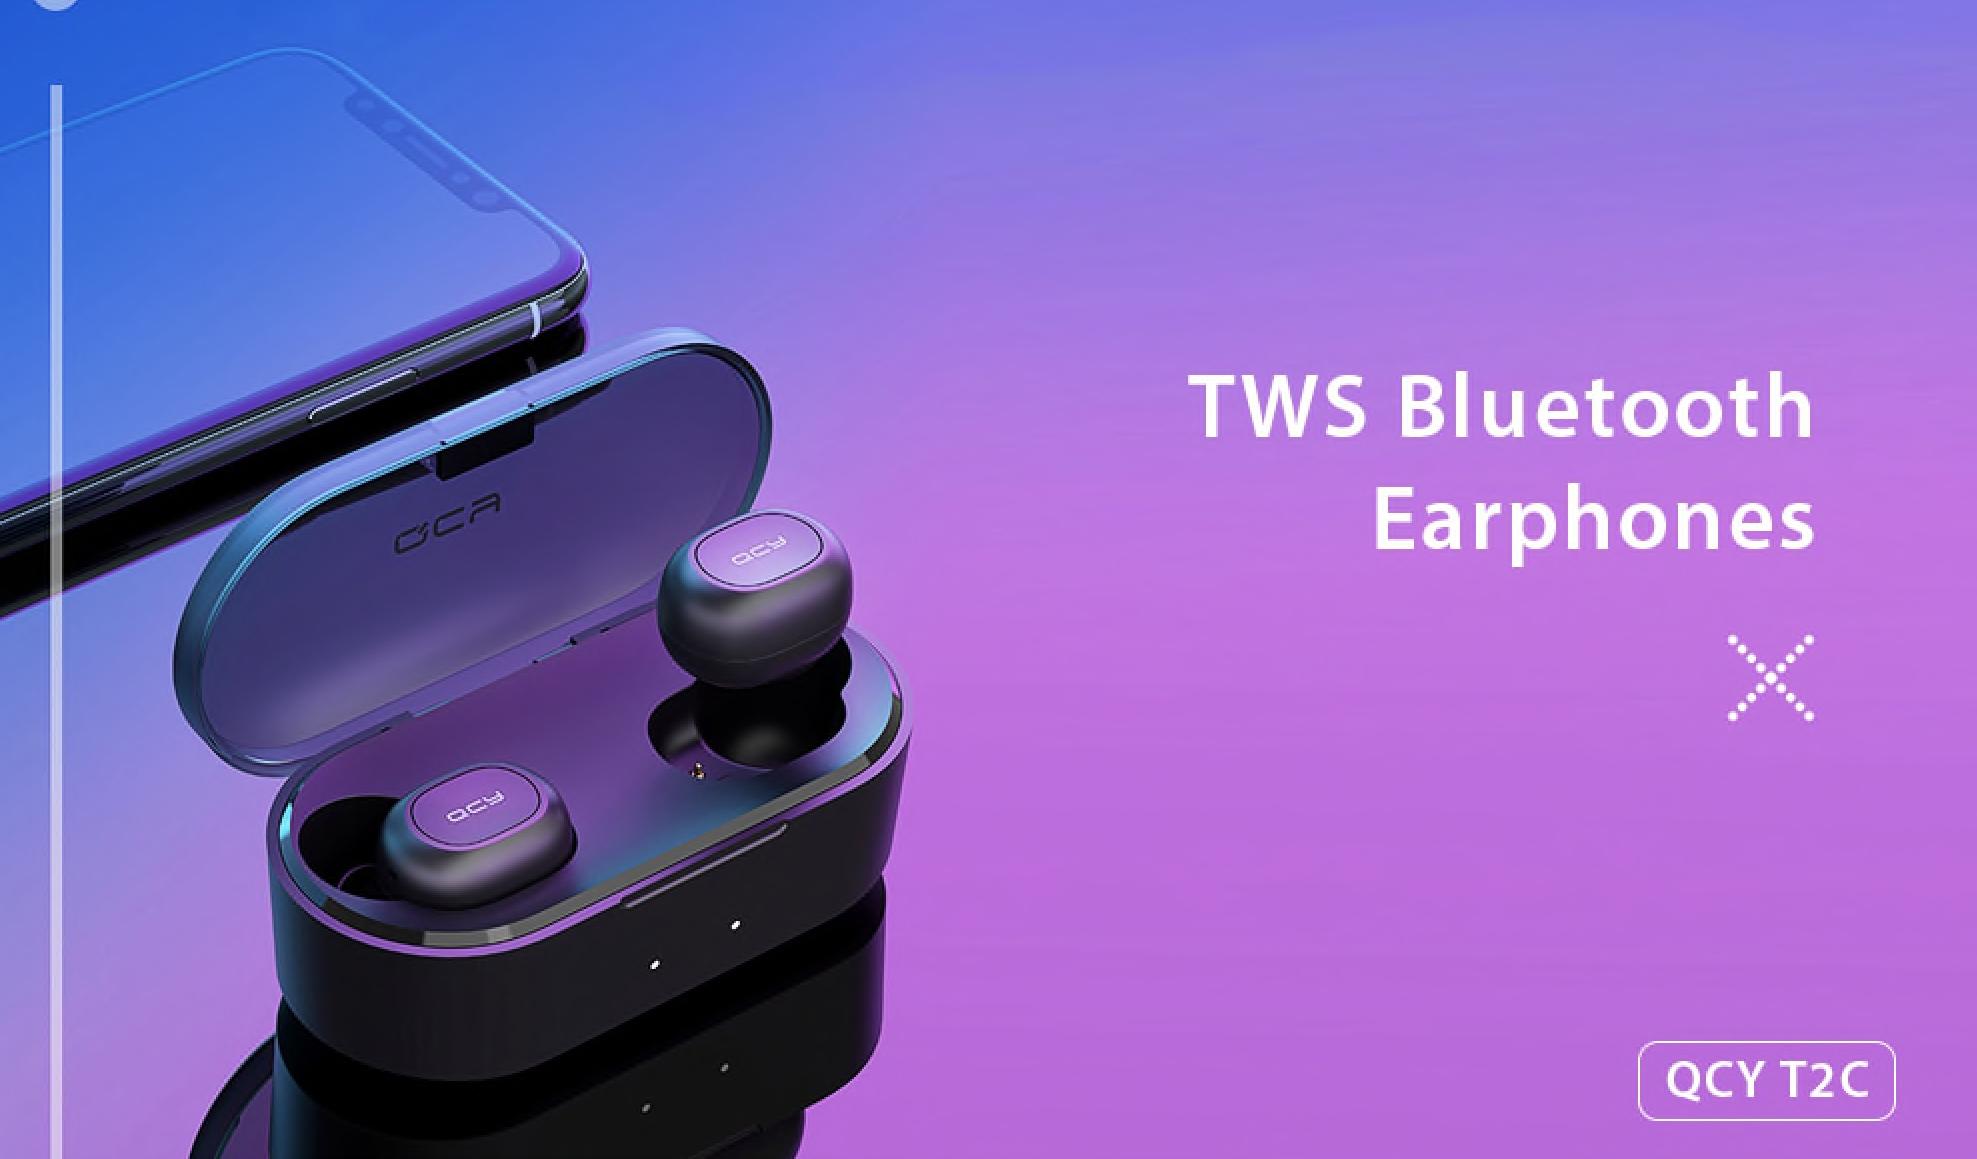 Úžasná bezdrátová sluchátka za 447 Kč a gimbal s 66% slevou! [sponzorovaný článek]